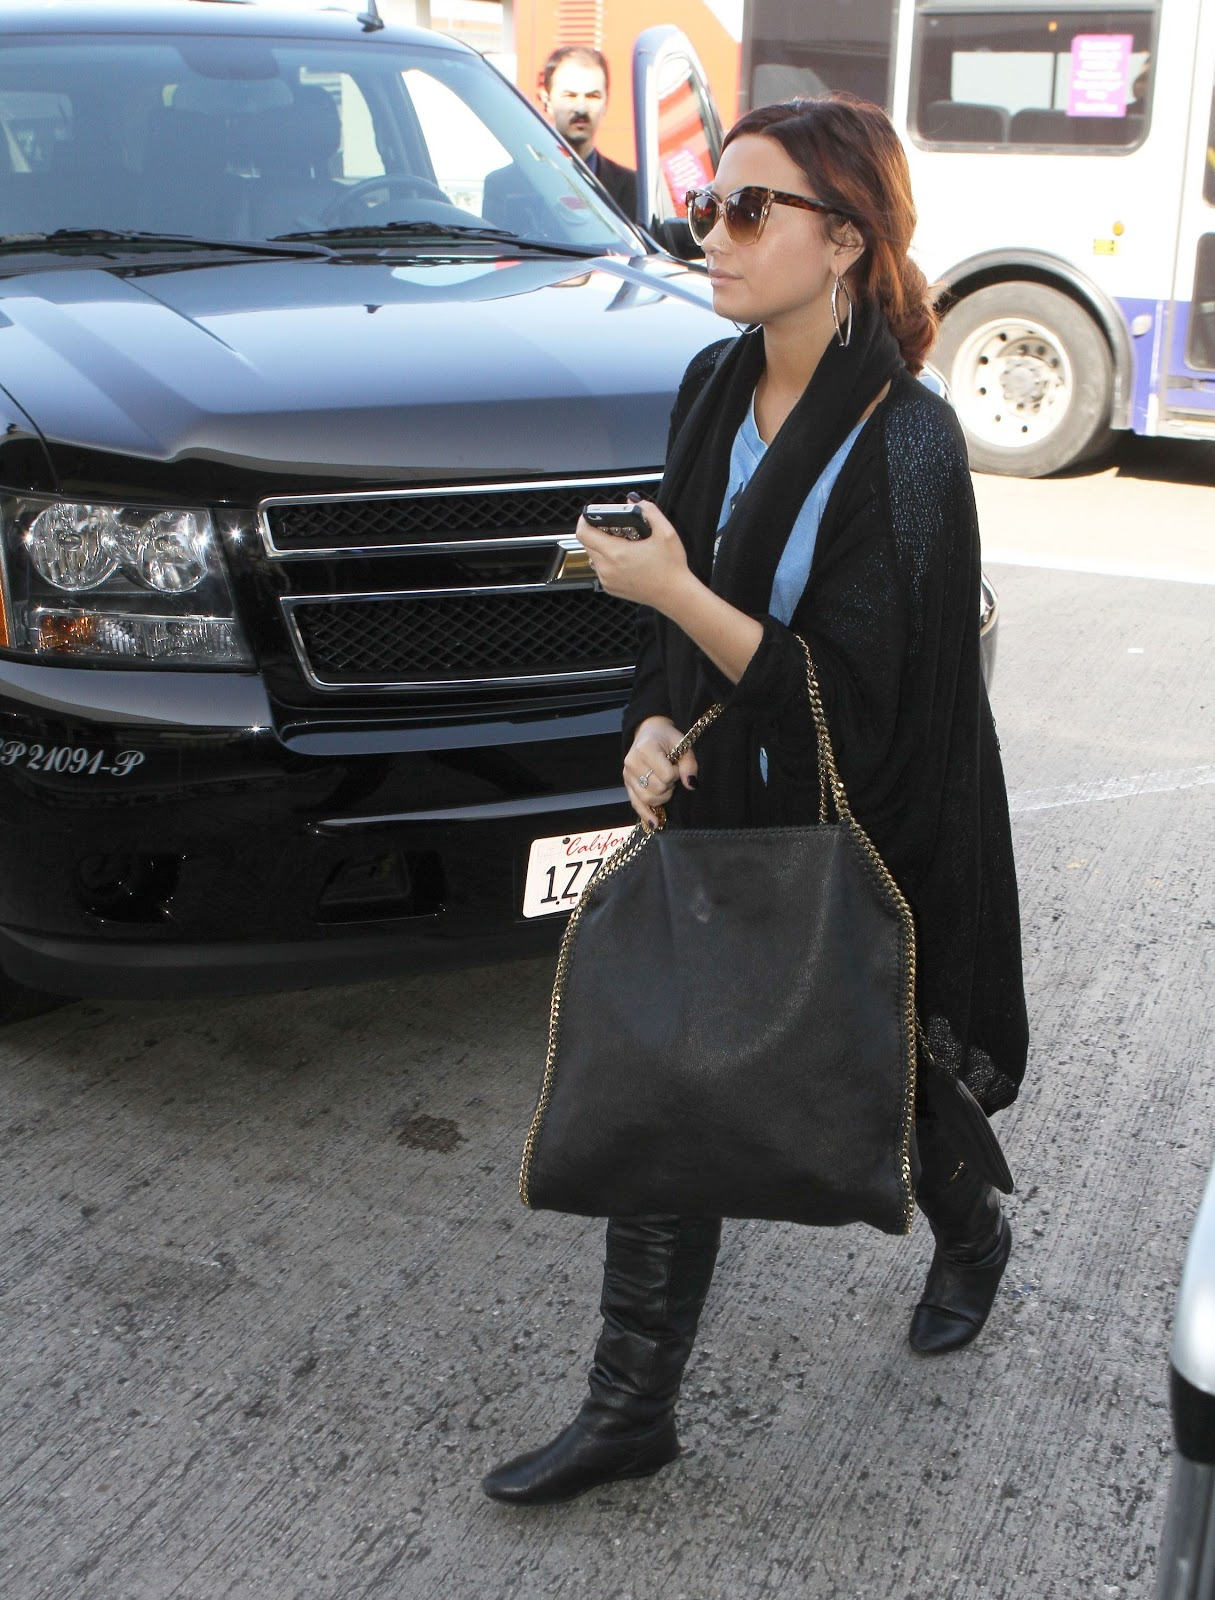 http://3.bp.blogspot.com/-qn2N1rqRll4/Tvr6lRlg-5I/AAAAAAAAQd0/2llJWlC_Prs/s1600/CU-Demi+Lovato+arrives+at+LAX-03.JPG